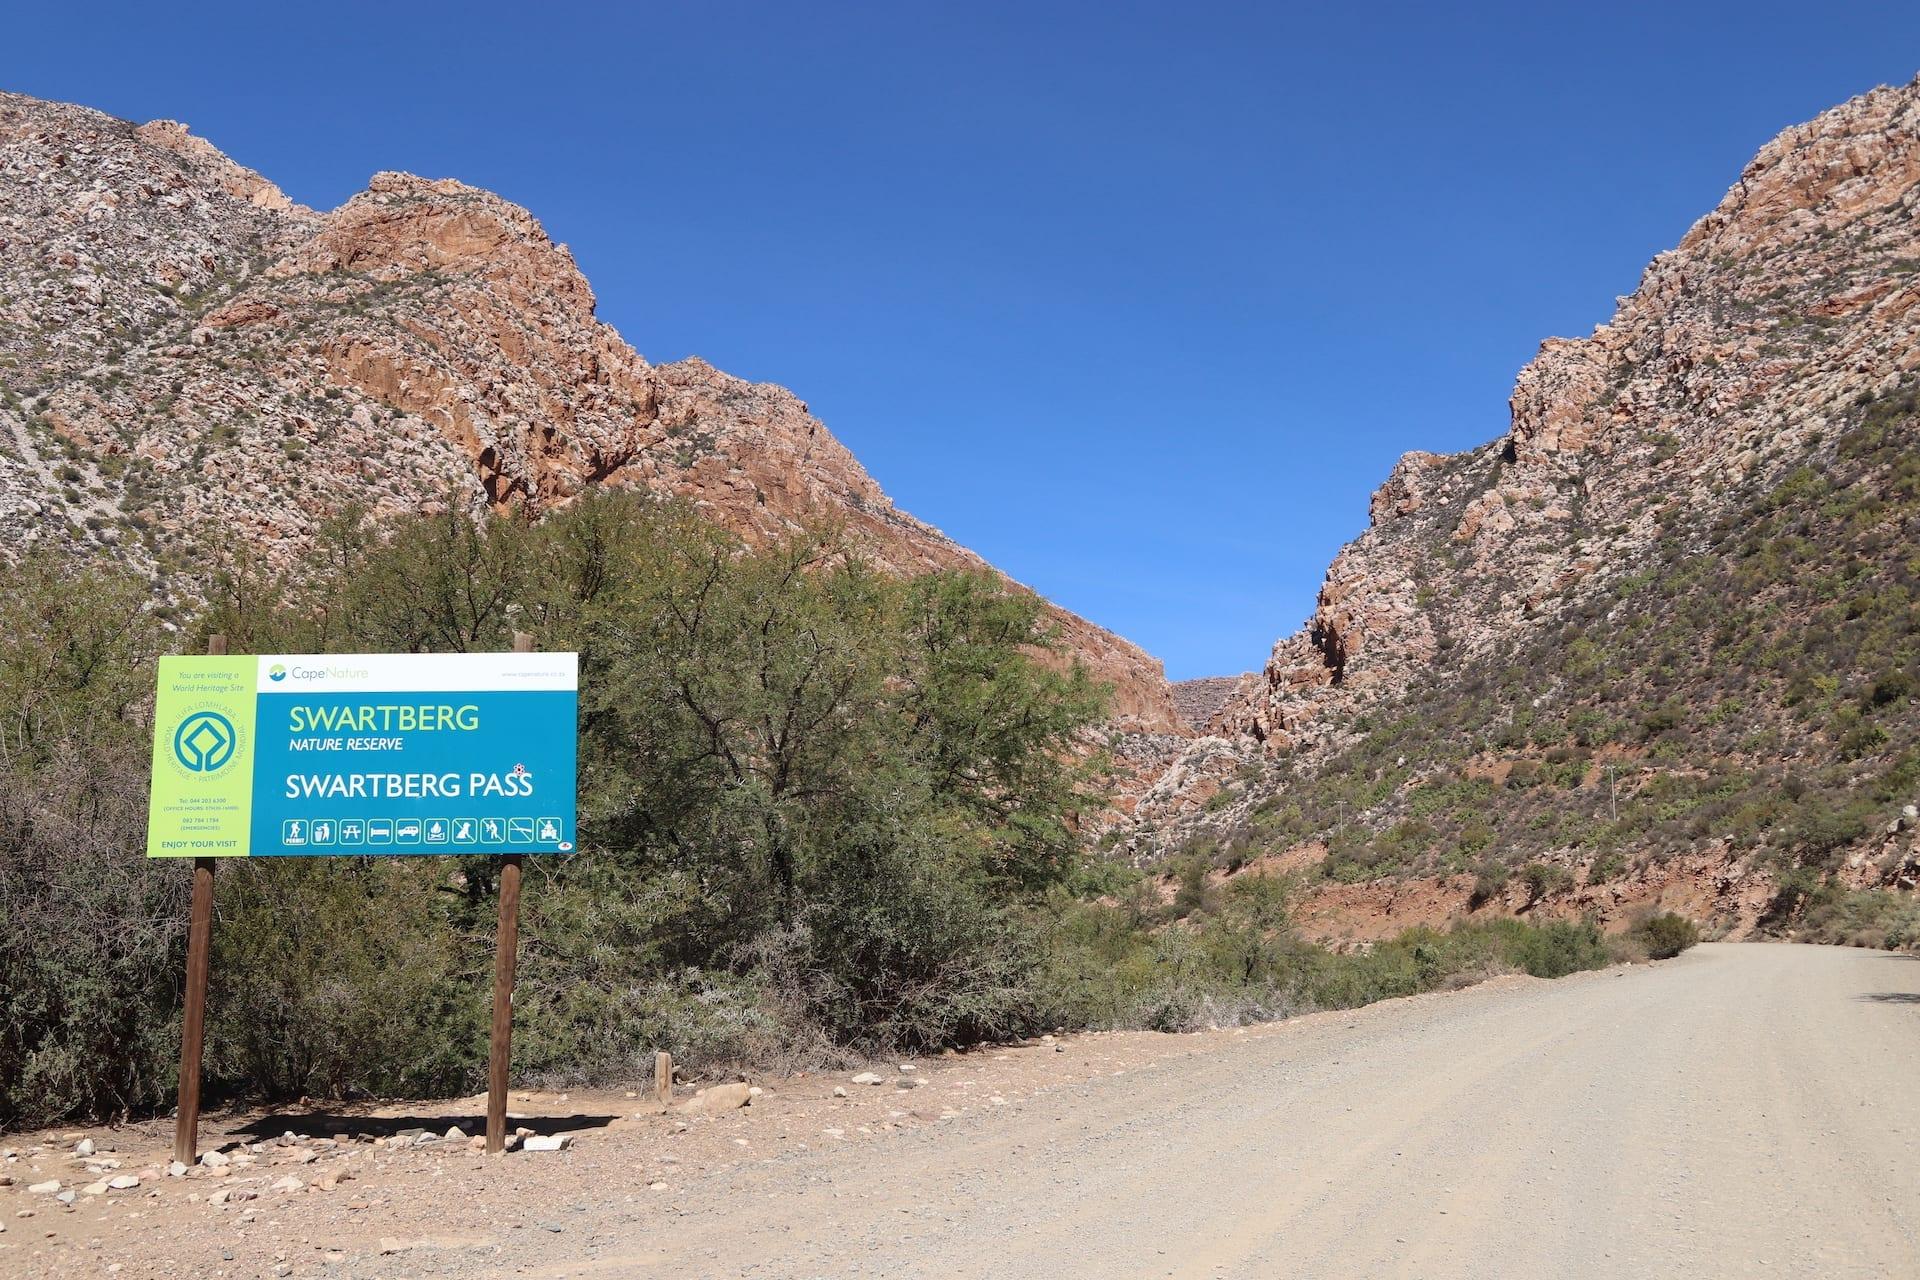 # FOTO - Swartberg pass - IMG_6301